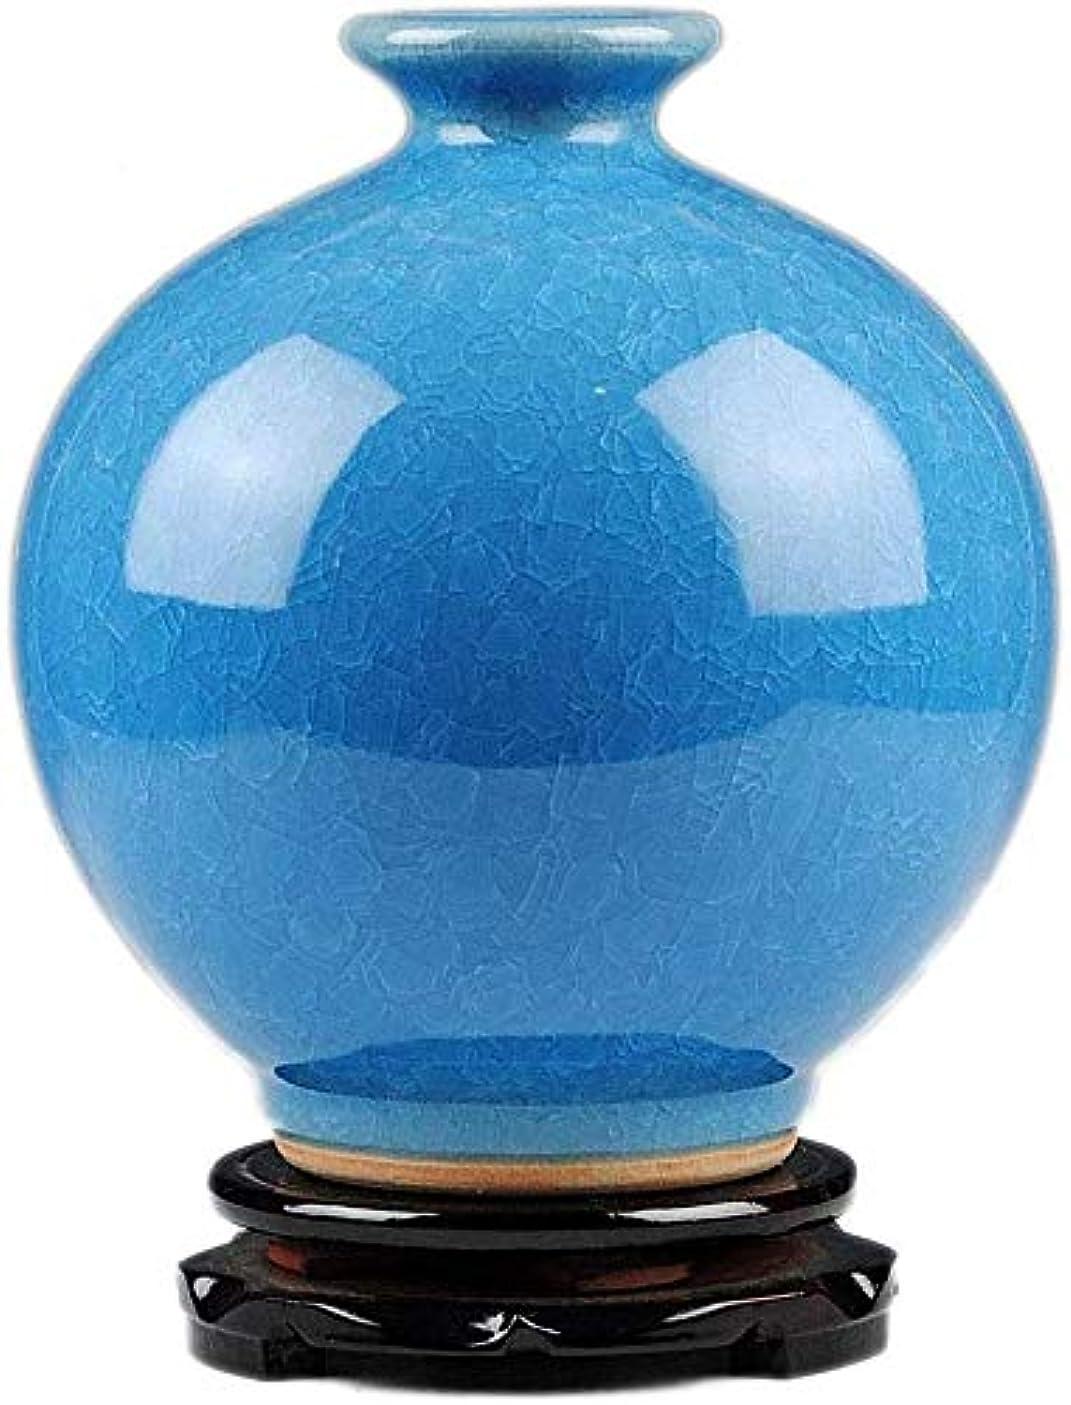 雨の慣性検出花器 花瓶クリエイティブ現代の花ホームリビングルームの装飾テレビキャビネットブルーマルチタイプのリビングルームオフィス21 * 19センチメートル 花瓶 (Color : B-21*19CM)